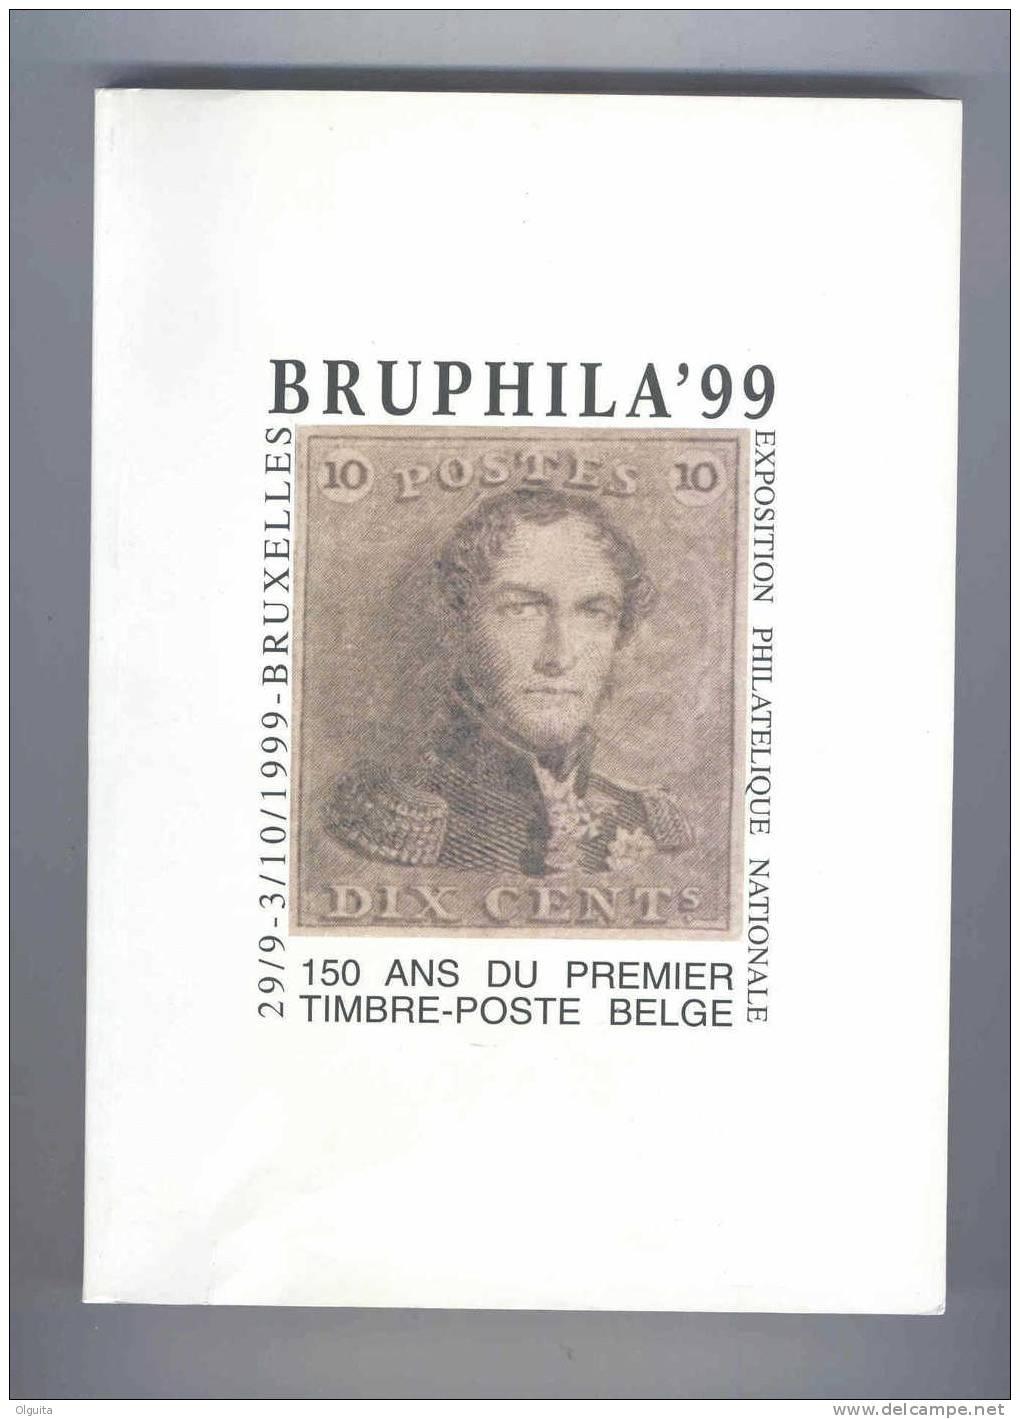 BELGIQUE Catalogue Exposition BRUPHILA  1999 ,  223 Pg  --  B0/149 - Autres Livres